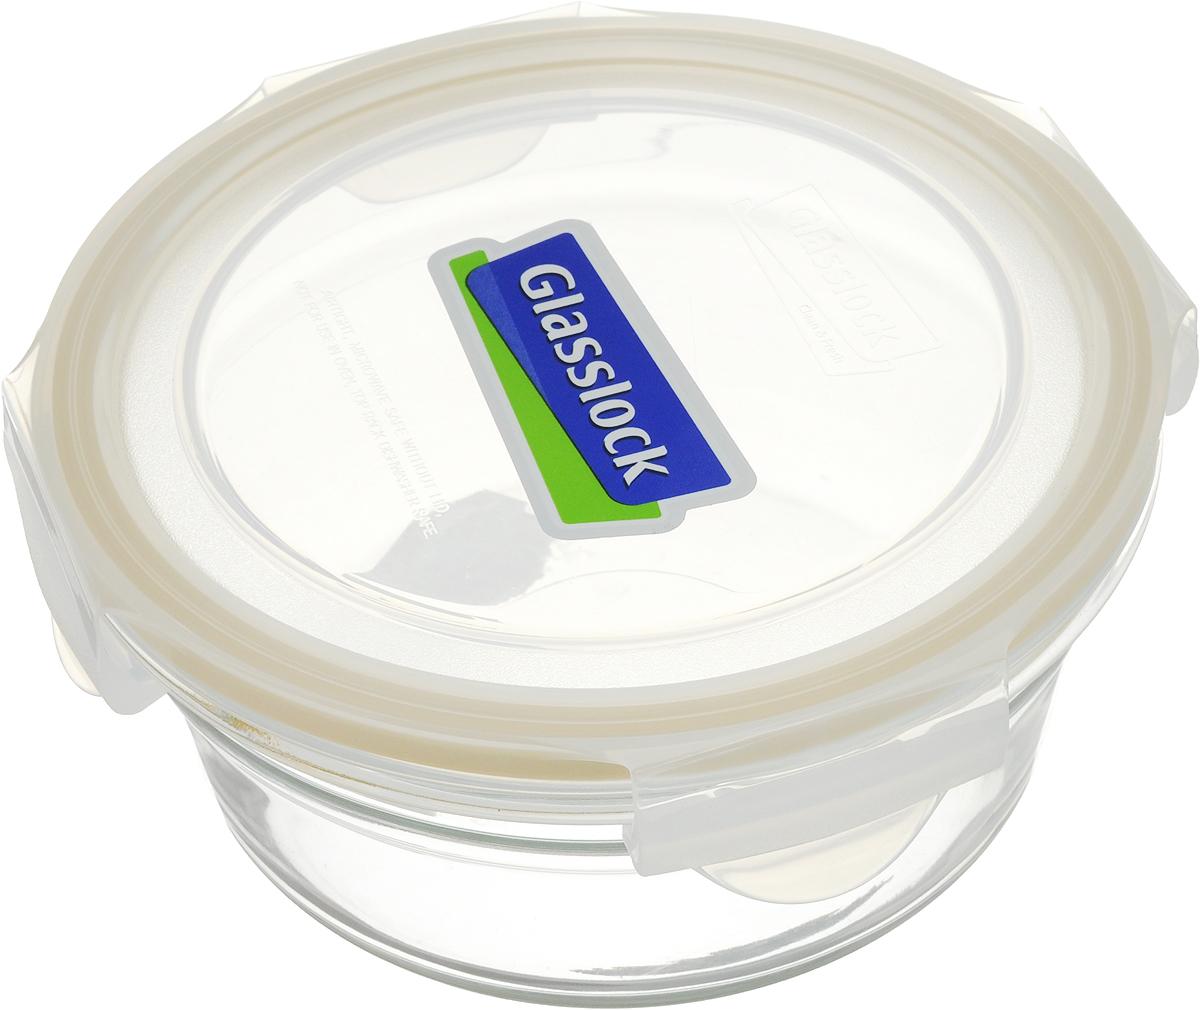 """Контейнер """"Glasslock"""" изготовлен из высококачественного закаленного  ударопрочного стекла. Герметичная крышка, выполненная из пластика и снабженная  уплотнительной резинкой, надежно закрывается с помощью четырех защелок. Подходит для  мытья в посудомоечной машине, хранения в холодильных и морозильных камерах,  использования в микроволновых печах. Выдерживает резкий перепад температур. Стеклянная посуда нового поколения от """"Glasslock"""" экологична, не содержит  токсичных и ядовитых материалов; превосходная герметичность позволяет сохранять  свежесть продуктов; покрытие не впитывает запах продуктов; имеет утонченный  европейский дизайн - прекрасное украшение стола. Диаметр контейнера (по верхнему краю): 15,5 см.  Высота контейнера (с учетом крышки): 7,5 см."""